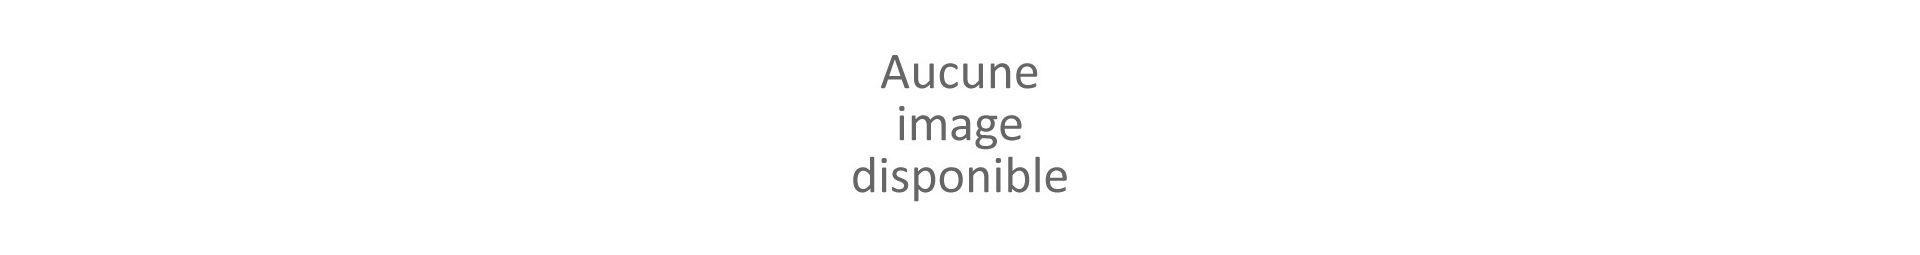 ACCESSOIRES POUR LE BAIN & LE CORPS